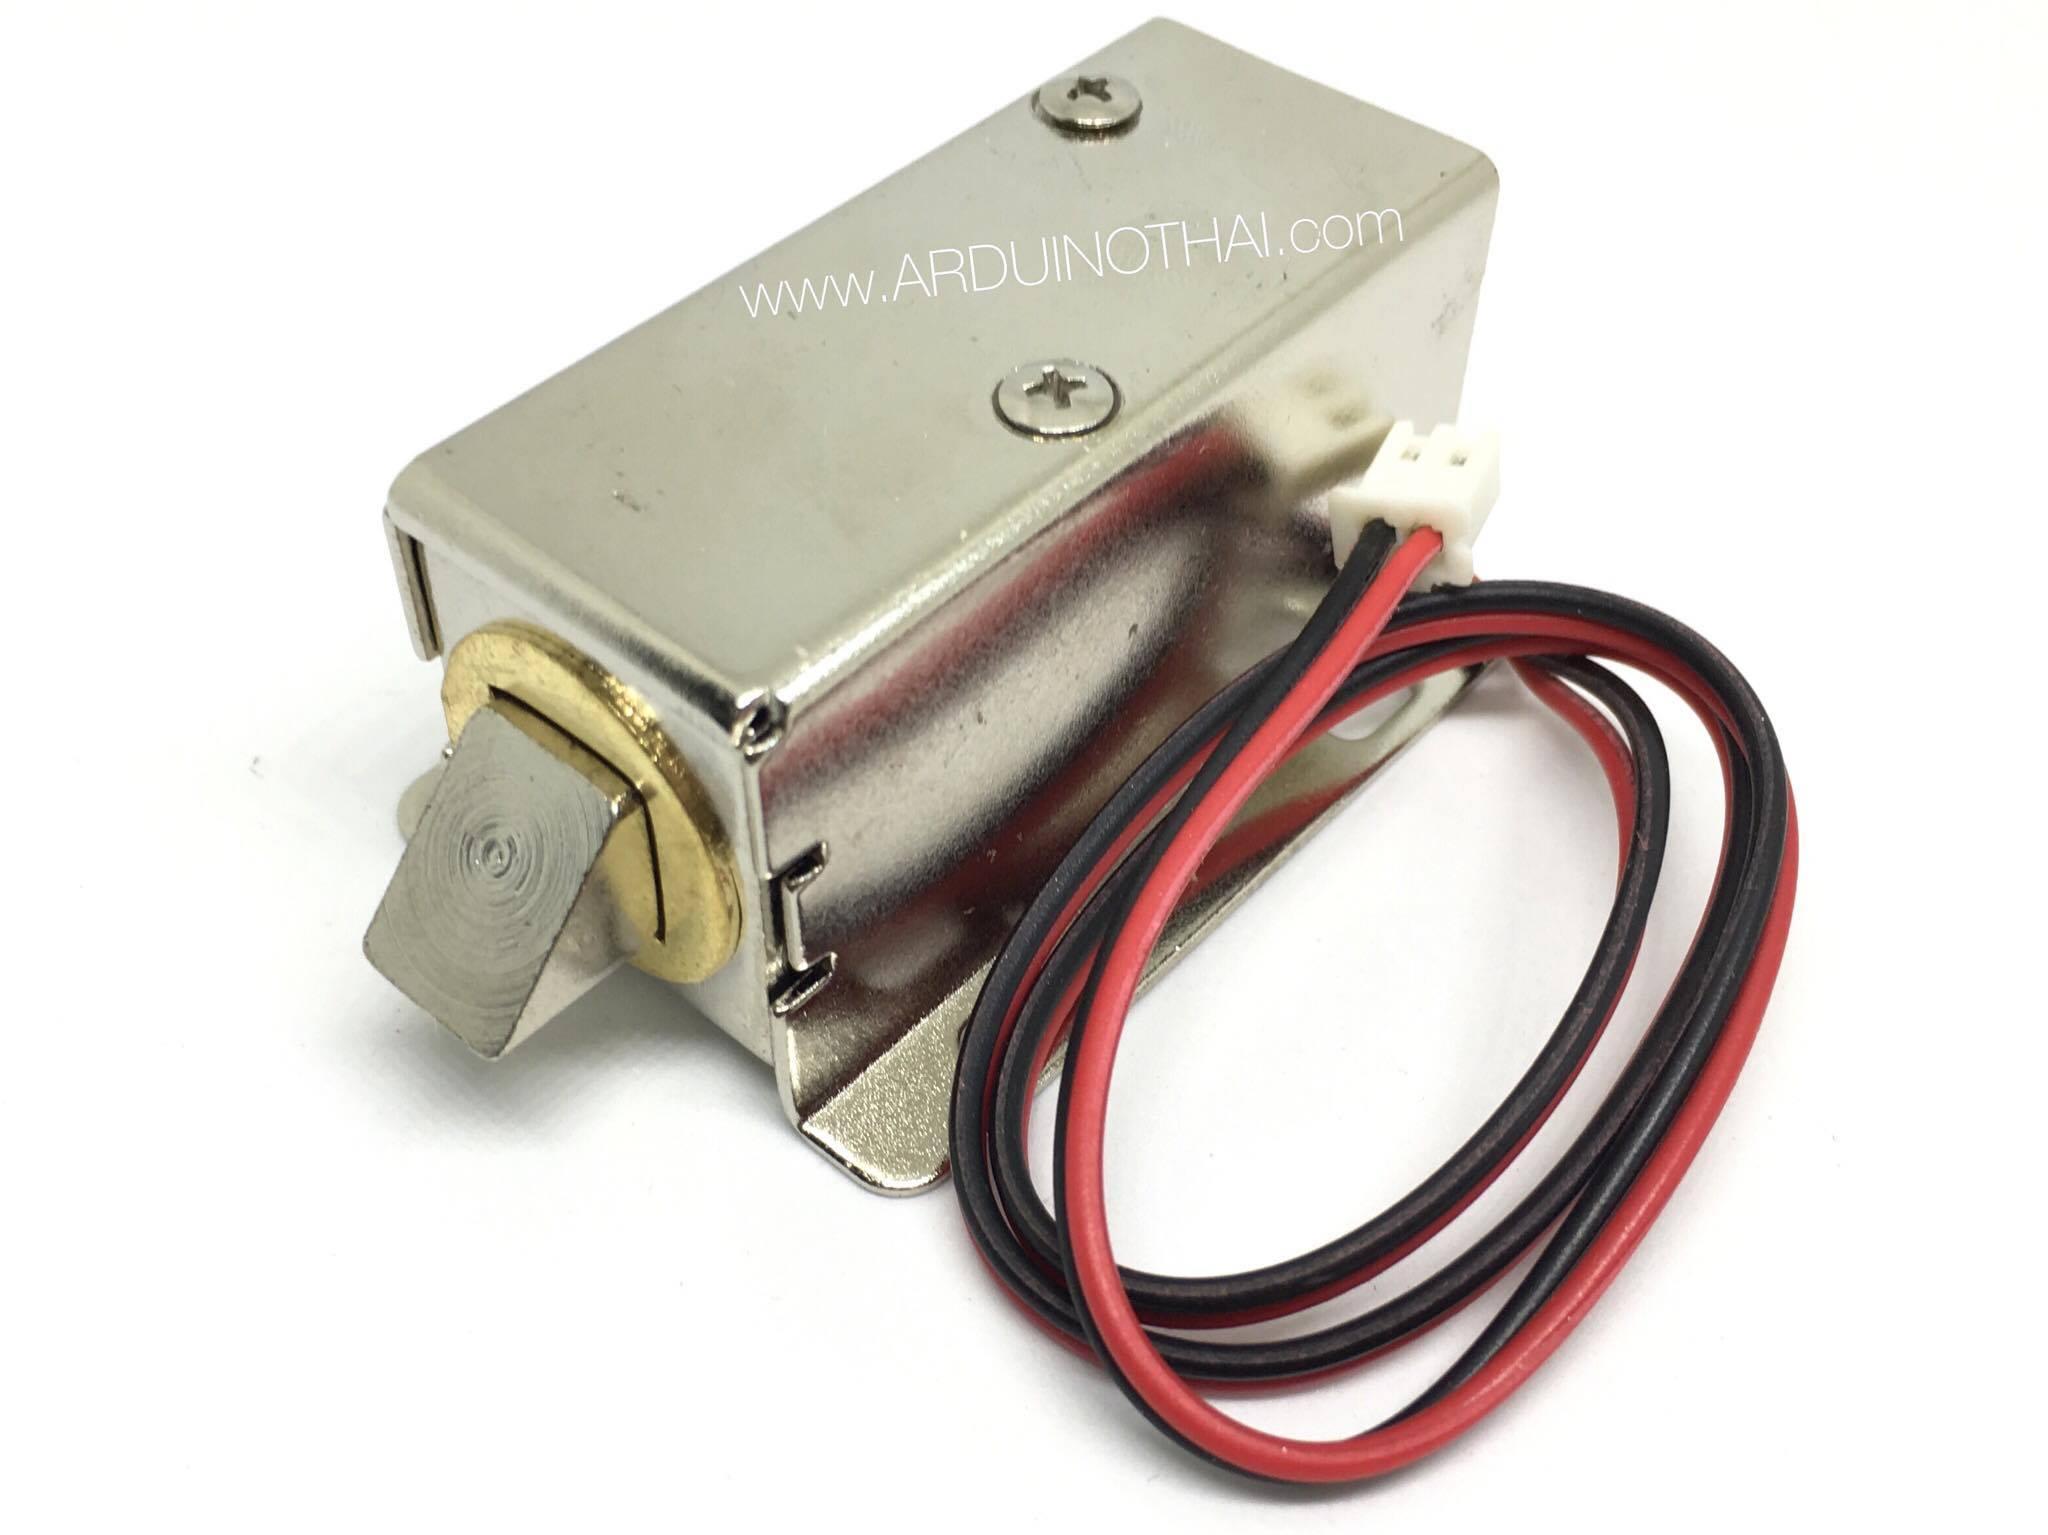 กลอนไฟฟ้า 12V LY-03